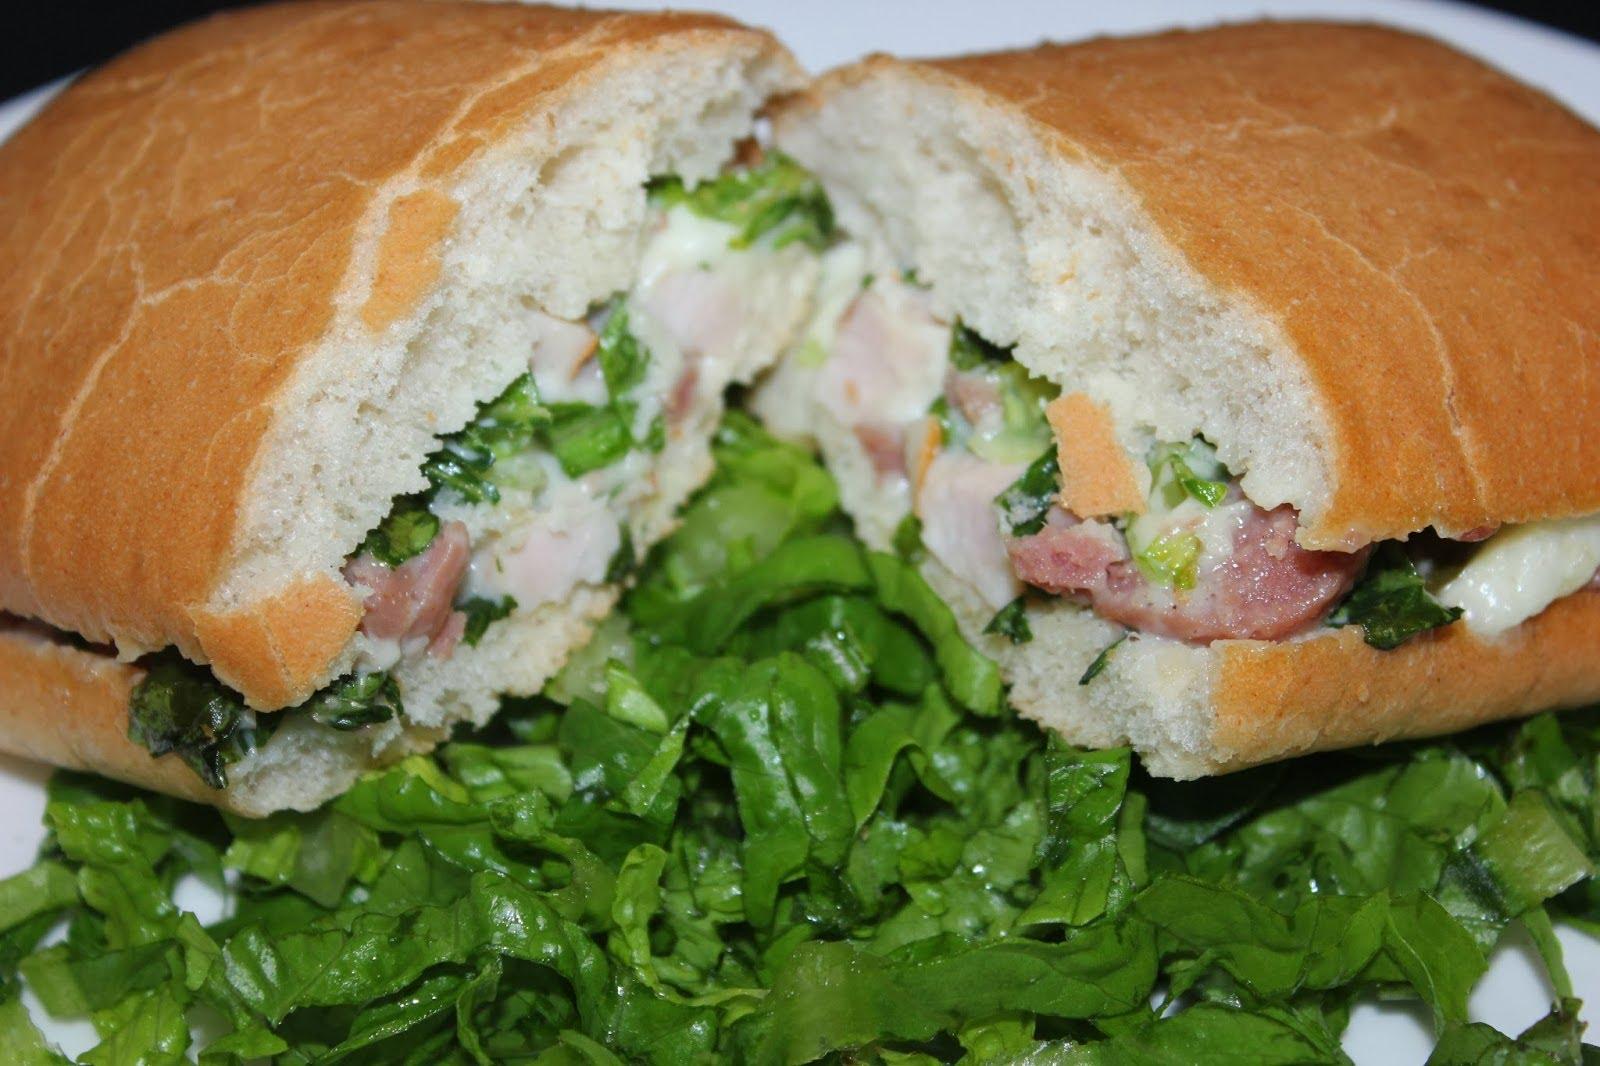 بالصور اكلات سهله وسريعه التحضير بالصور , ازاى تعملى غداء شهى من غير تعب 1409 7